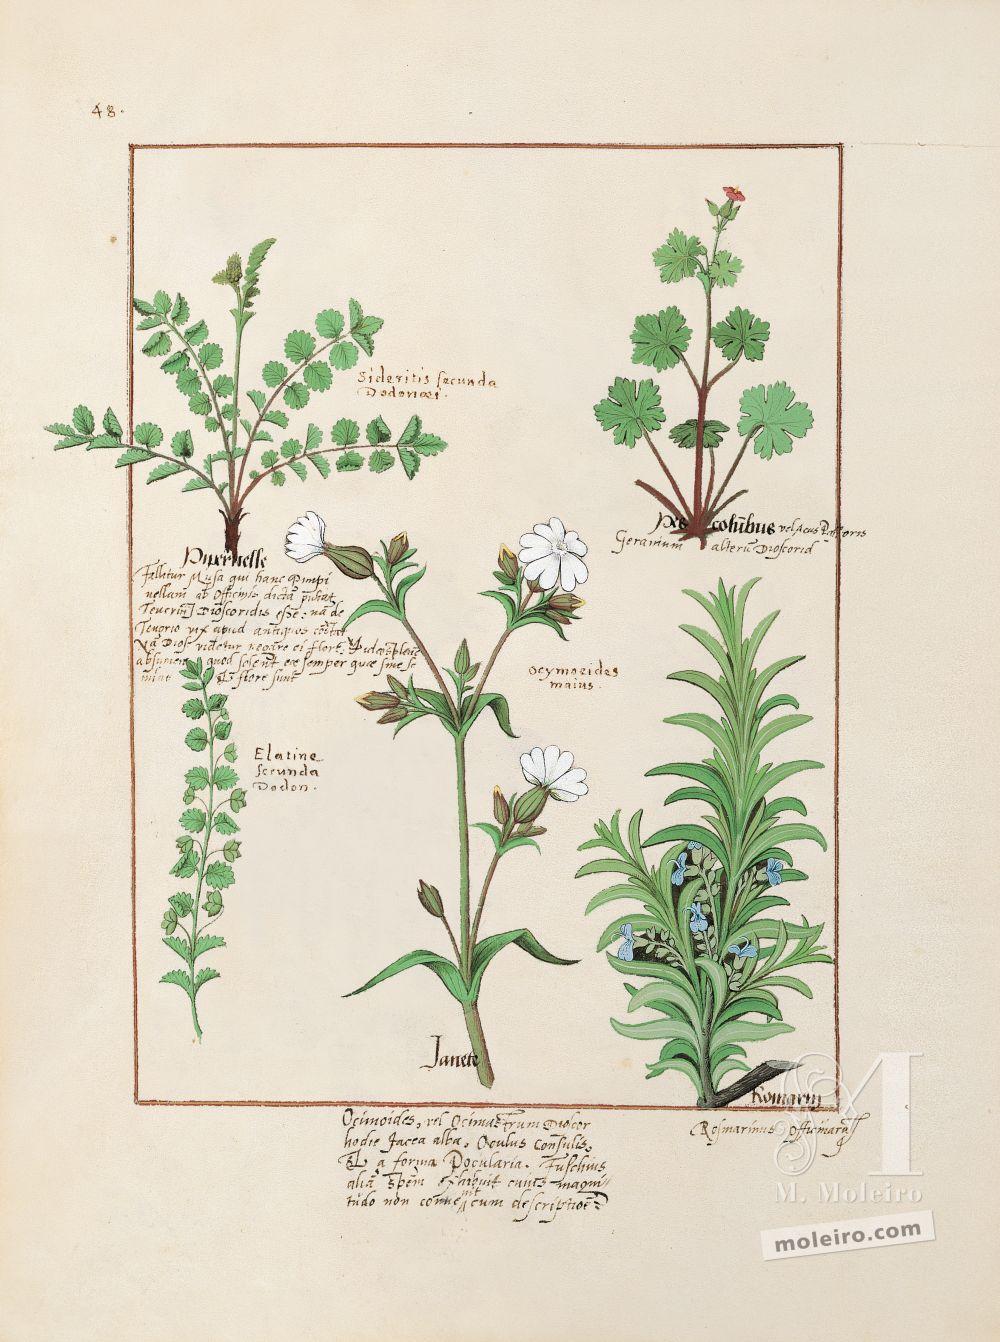 Pasta com 5 fólios do Livro dos Medicamentos Simples (s. XV)   Fólio 135v, Pé-de-pomba, Pimpinela maior, Alecrim